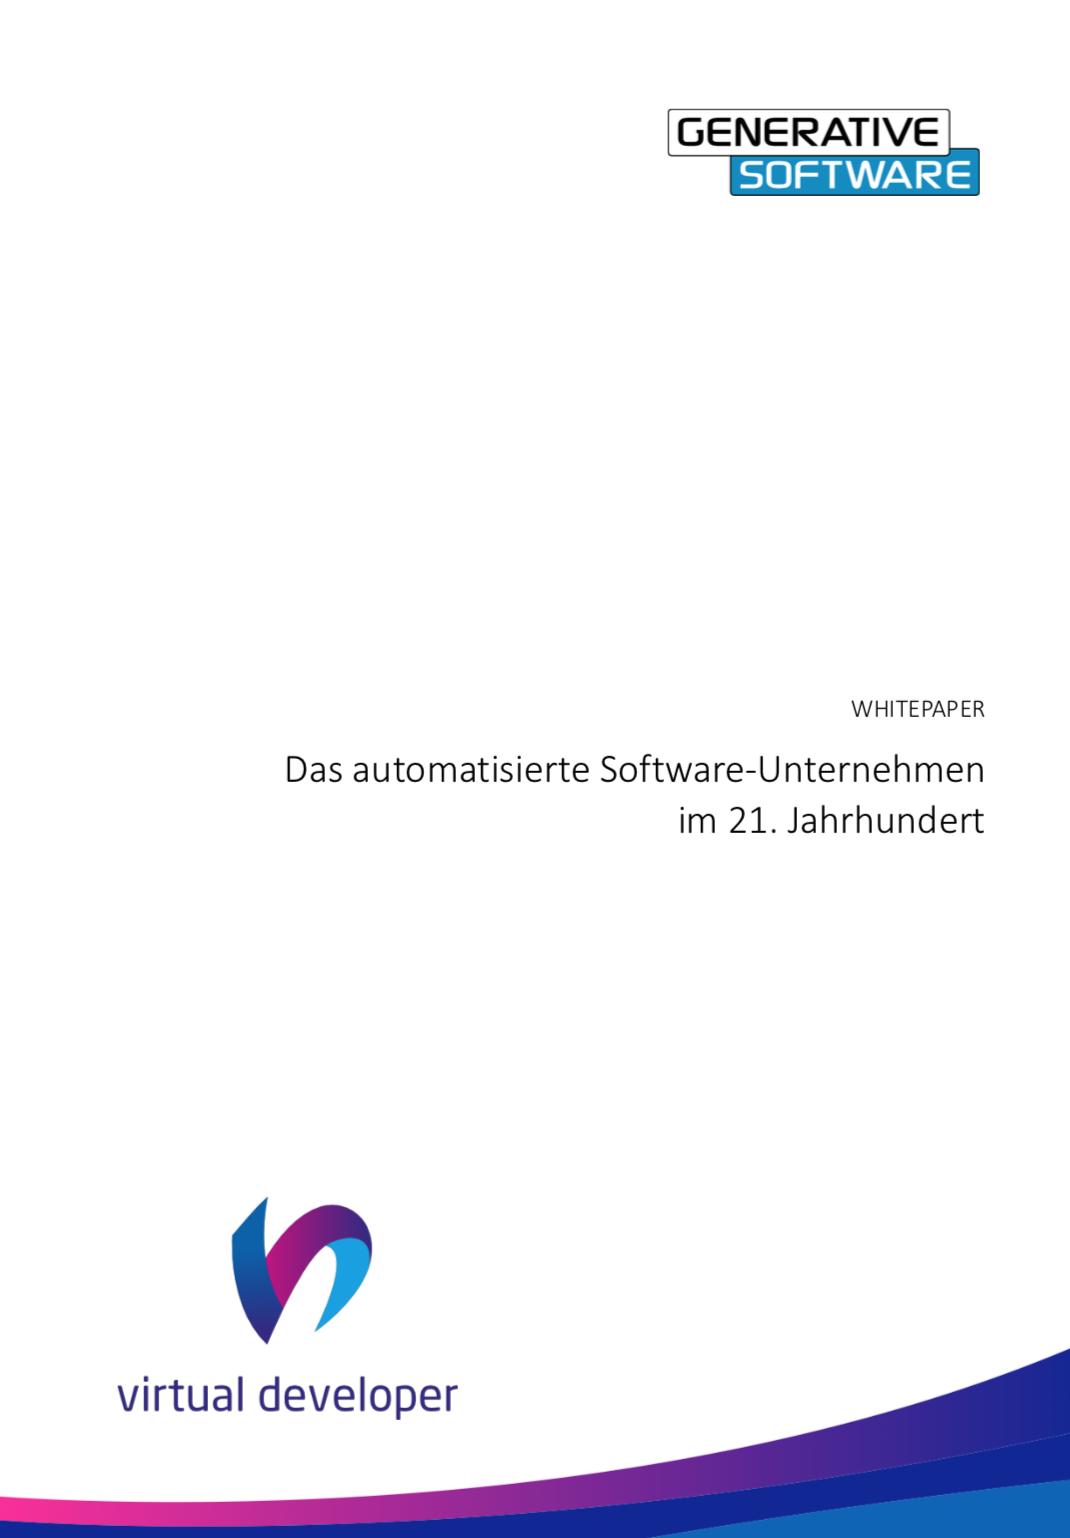 Softwareautomatisierung im 21. Jahrhundert - Whitepaper der Generative Software GmbH